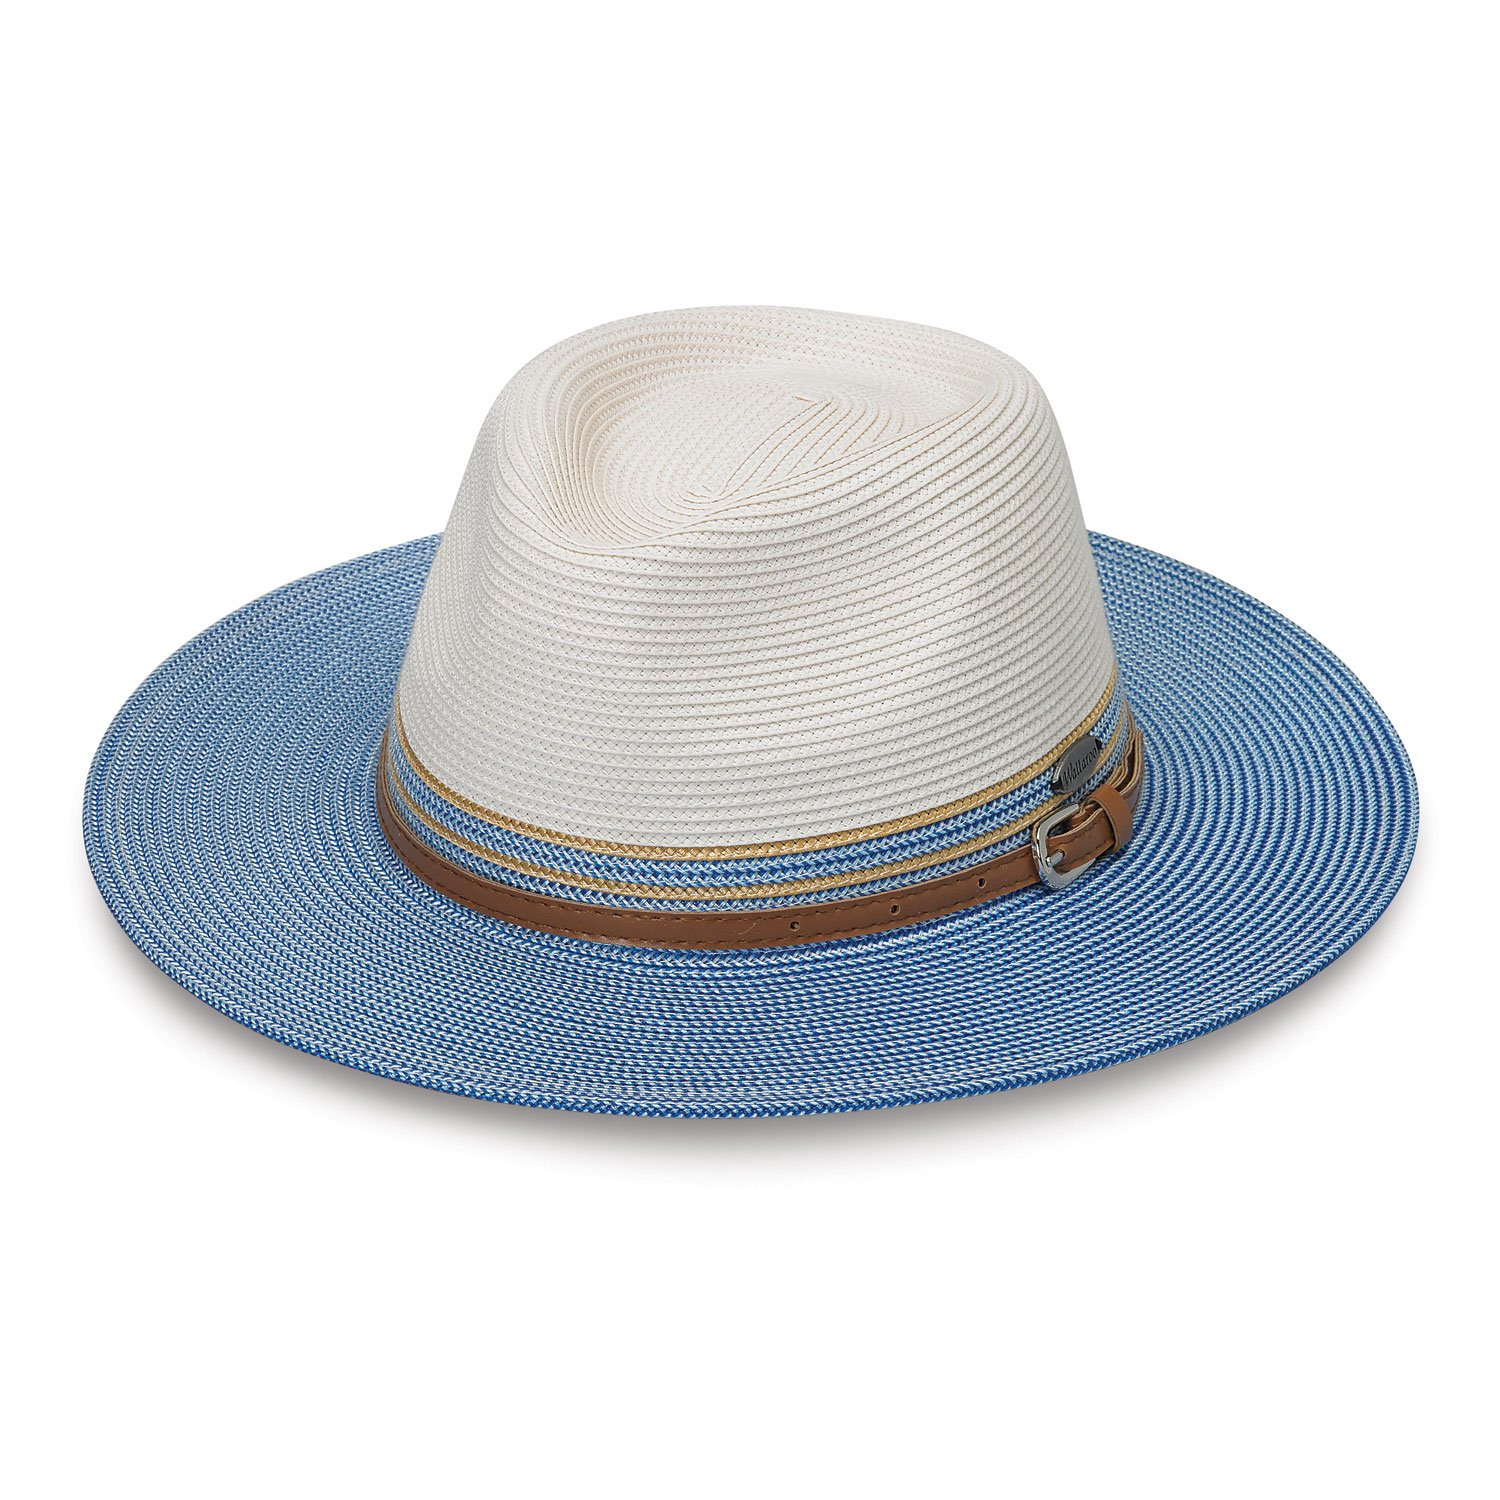 e36e1b0f8e870 Wallaroo Hat Company Kristy - Packable